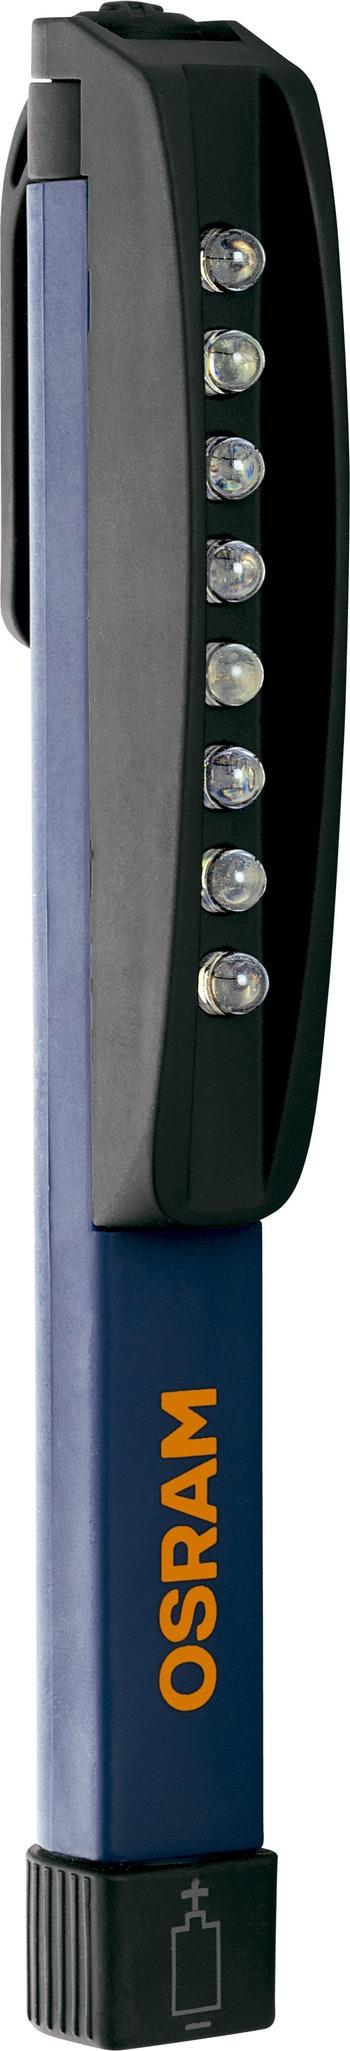 Led Inspeção Automotiva - 303 - Osram - LEDInspect303 - Unitário